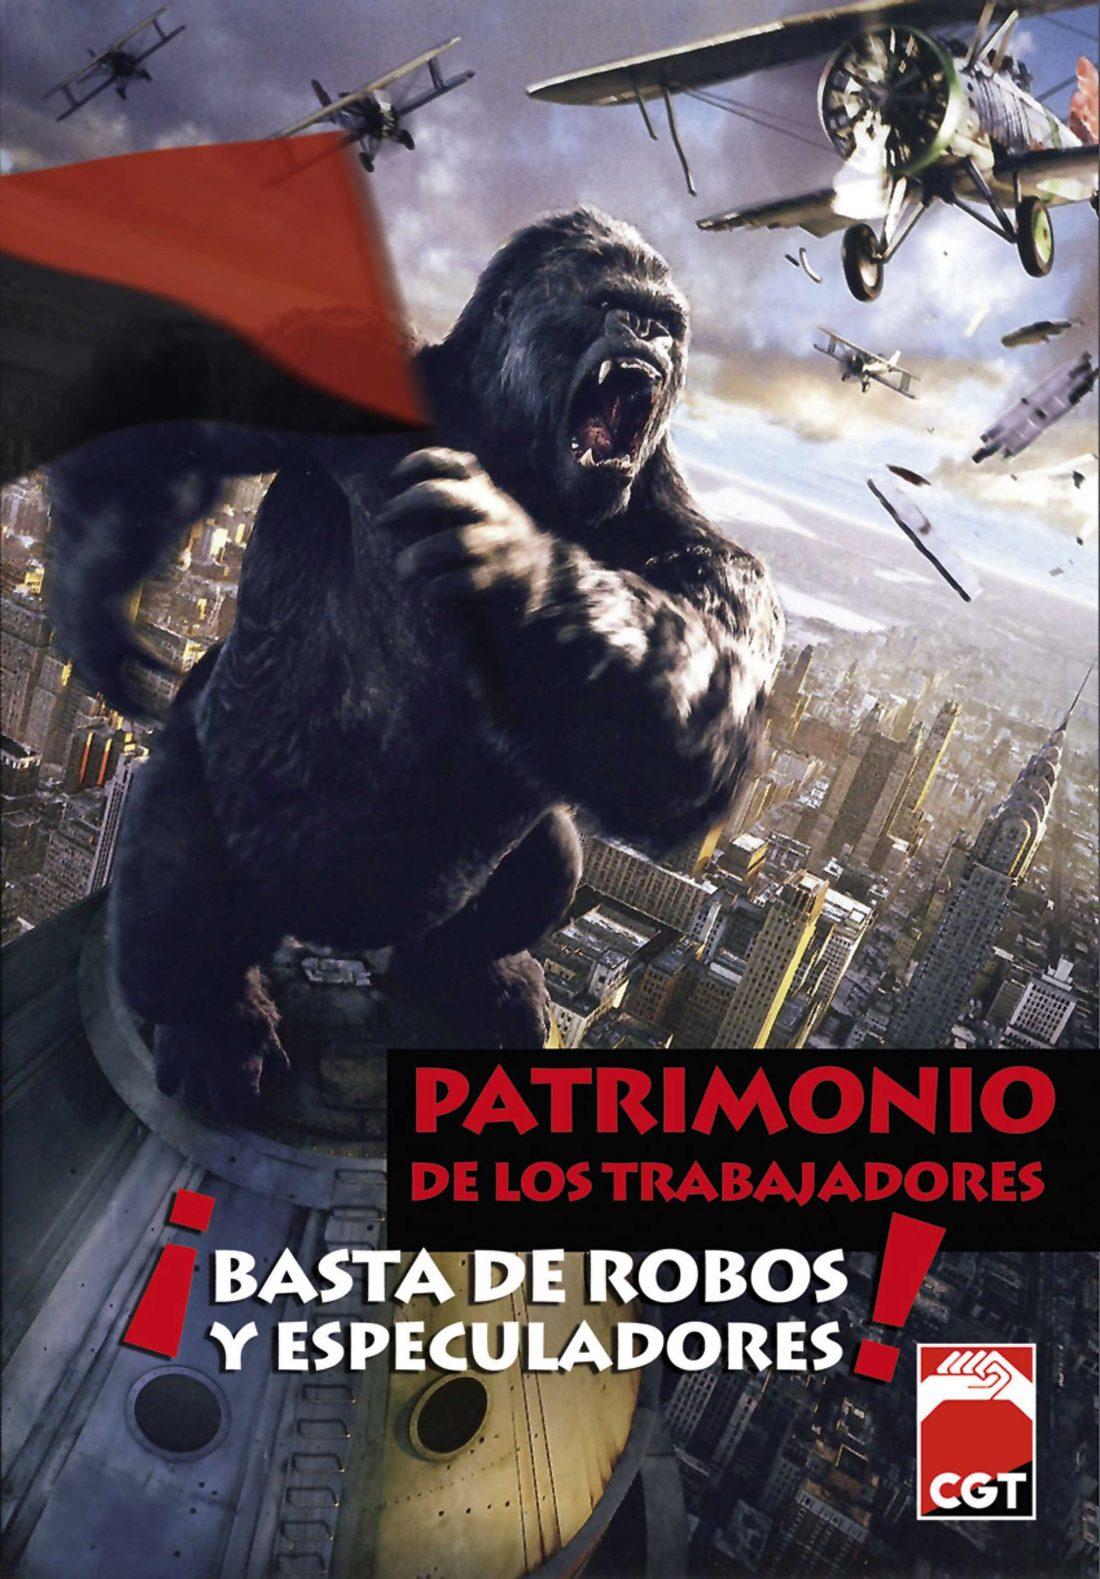 Este jueves 6 de Mayo, en Barcelona, CONCENTRACIÓN en defensa del patrimonio sindical de la CGT